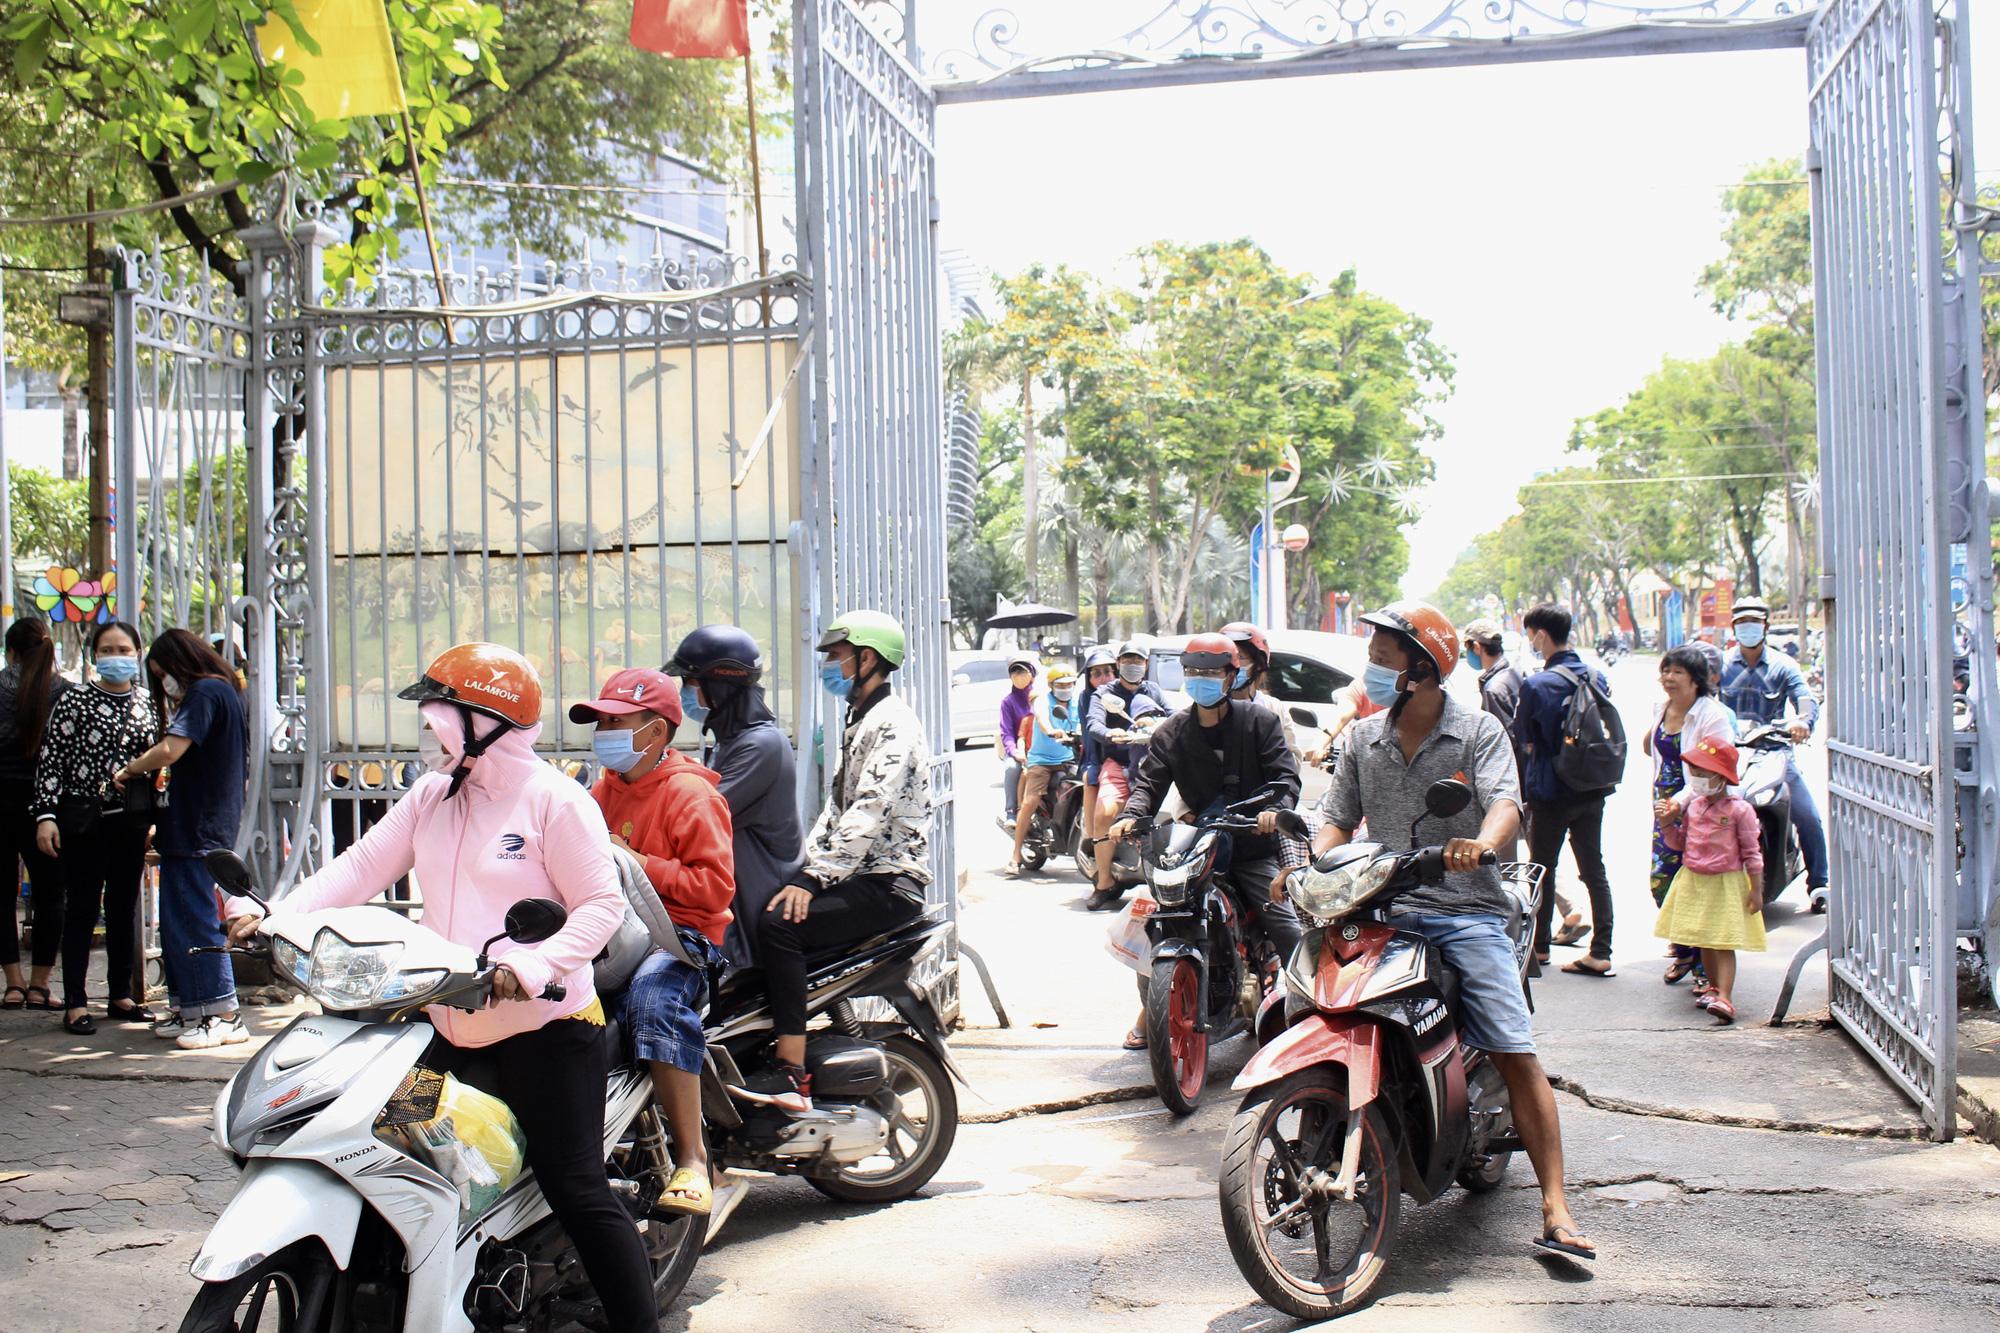 TP.HCM: Thảo Cầm Viên Sài Gòn, Đường sách đông nghẹt ngày Giỗ tổ Hùng Vương - Ảnh 3.